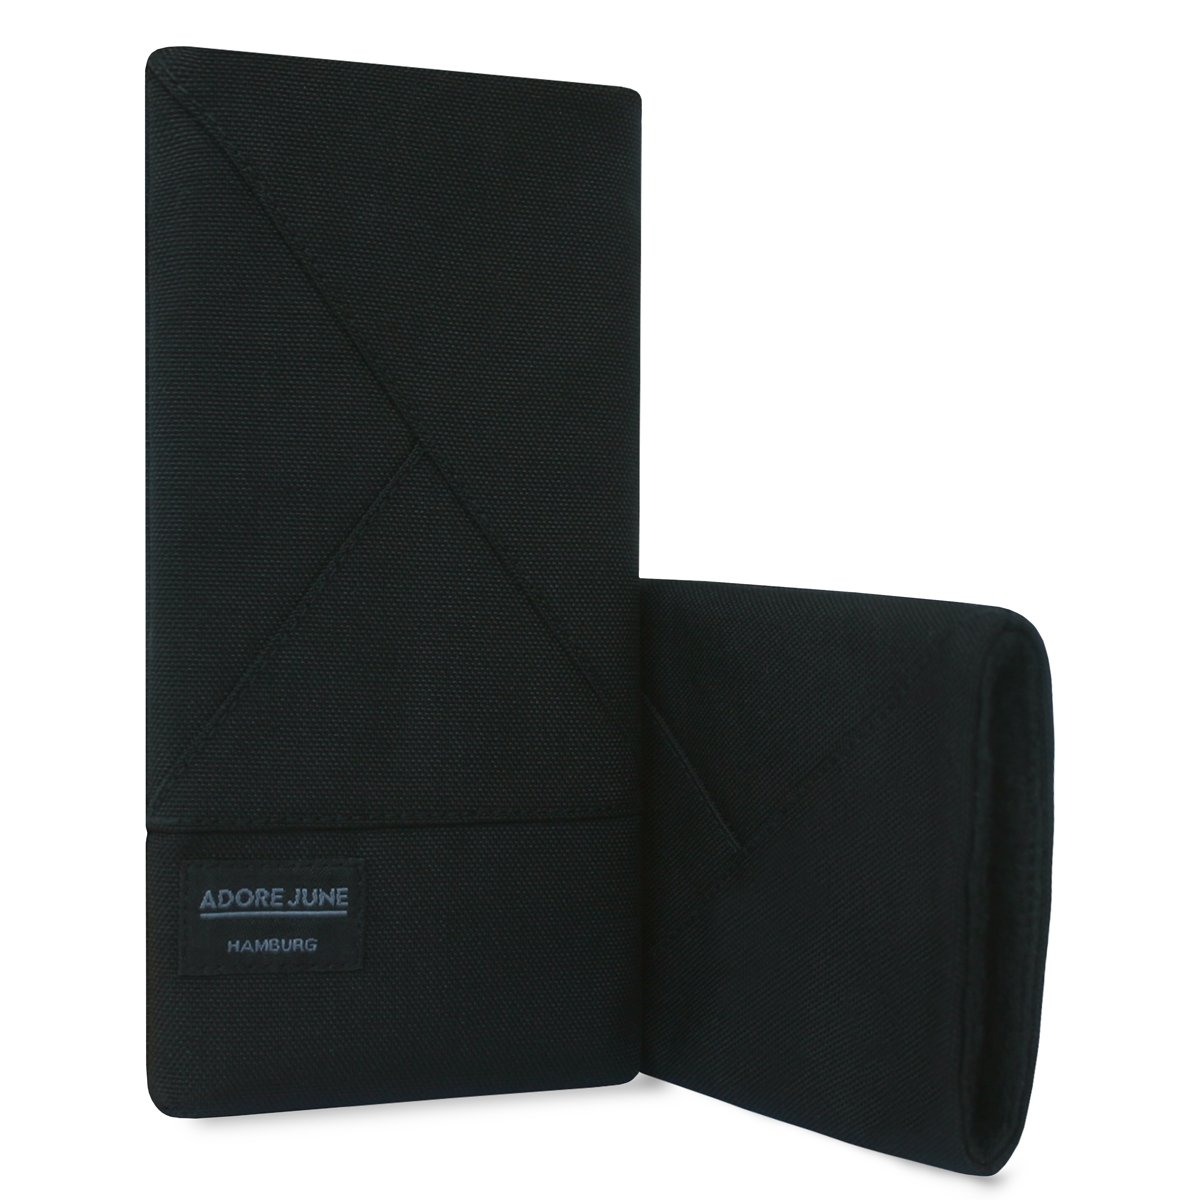 Schwarz Elegante Handytasche aus widerstandsf/ähigem Textil-Stoff mit Display-Reinigungseffekt Adore June Tasche Triangle kompatibel mit Apple iPhone 11 Pro Max